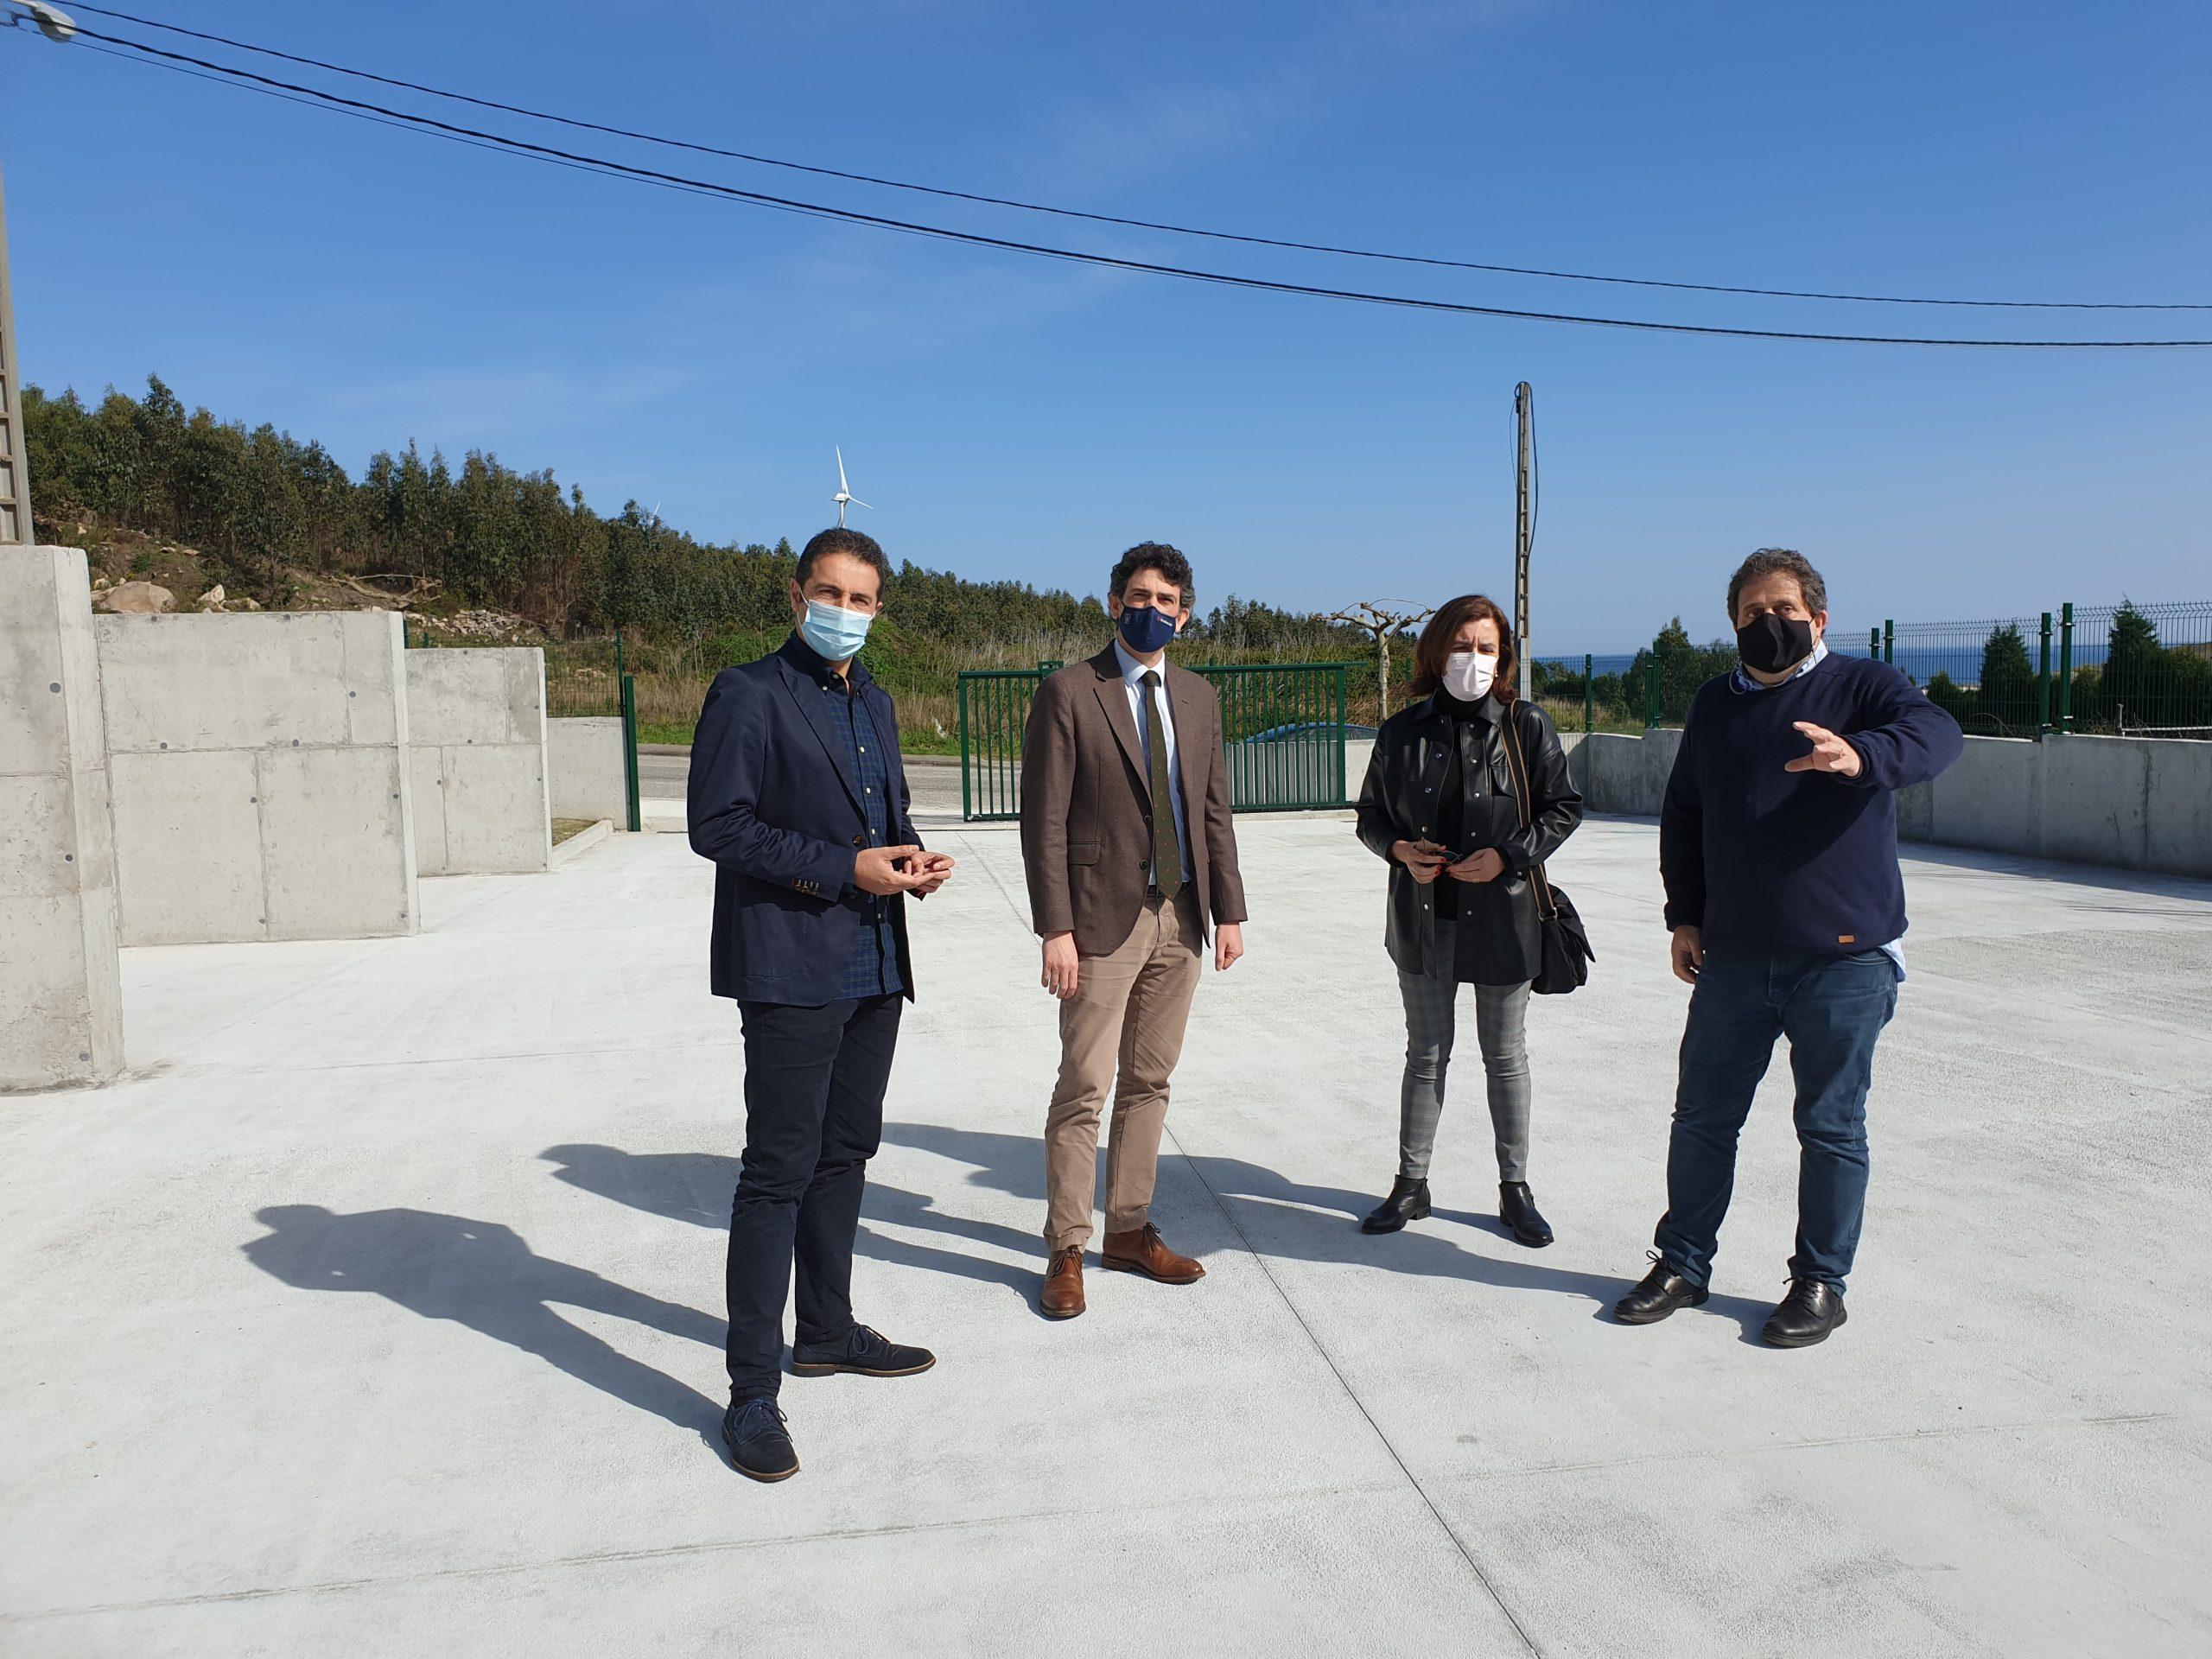 O rexedor, Alfonso Villares, agradece o investimento feito pola Xunta de Galicia no Polígono de Cuíña